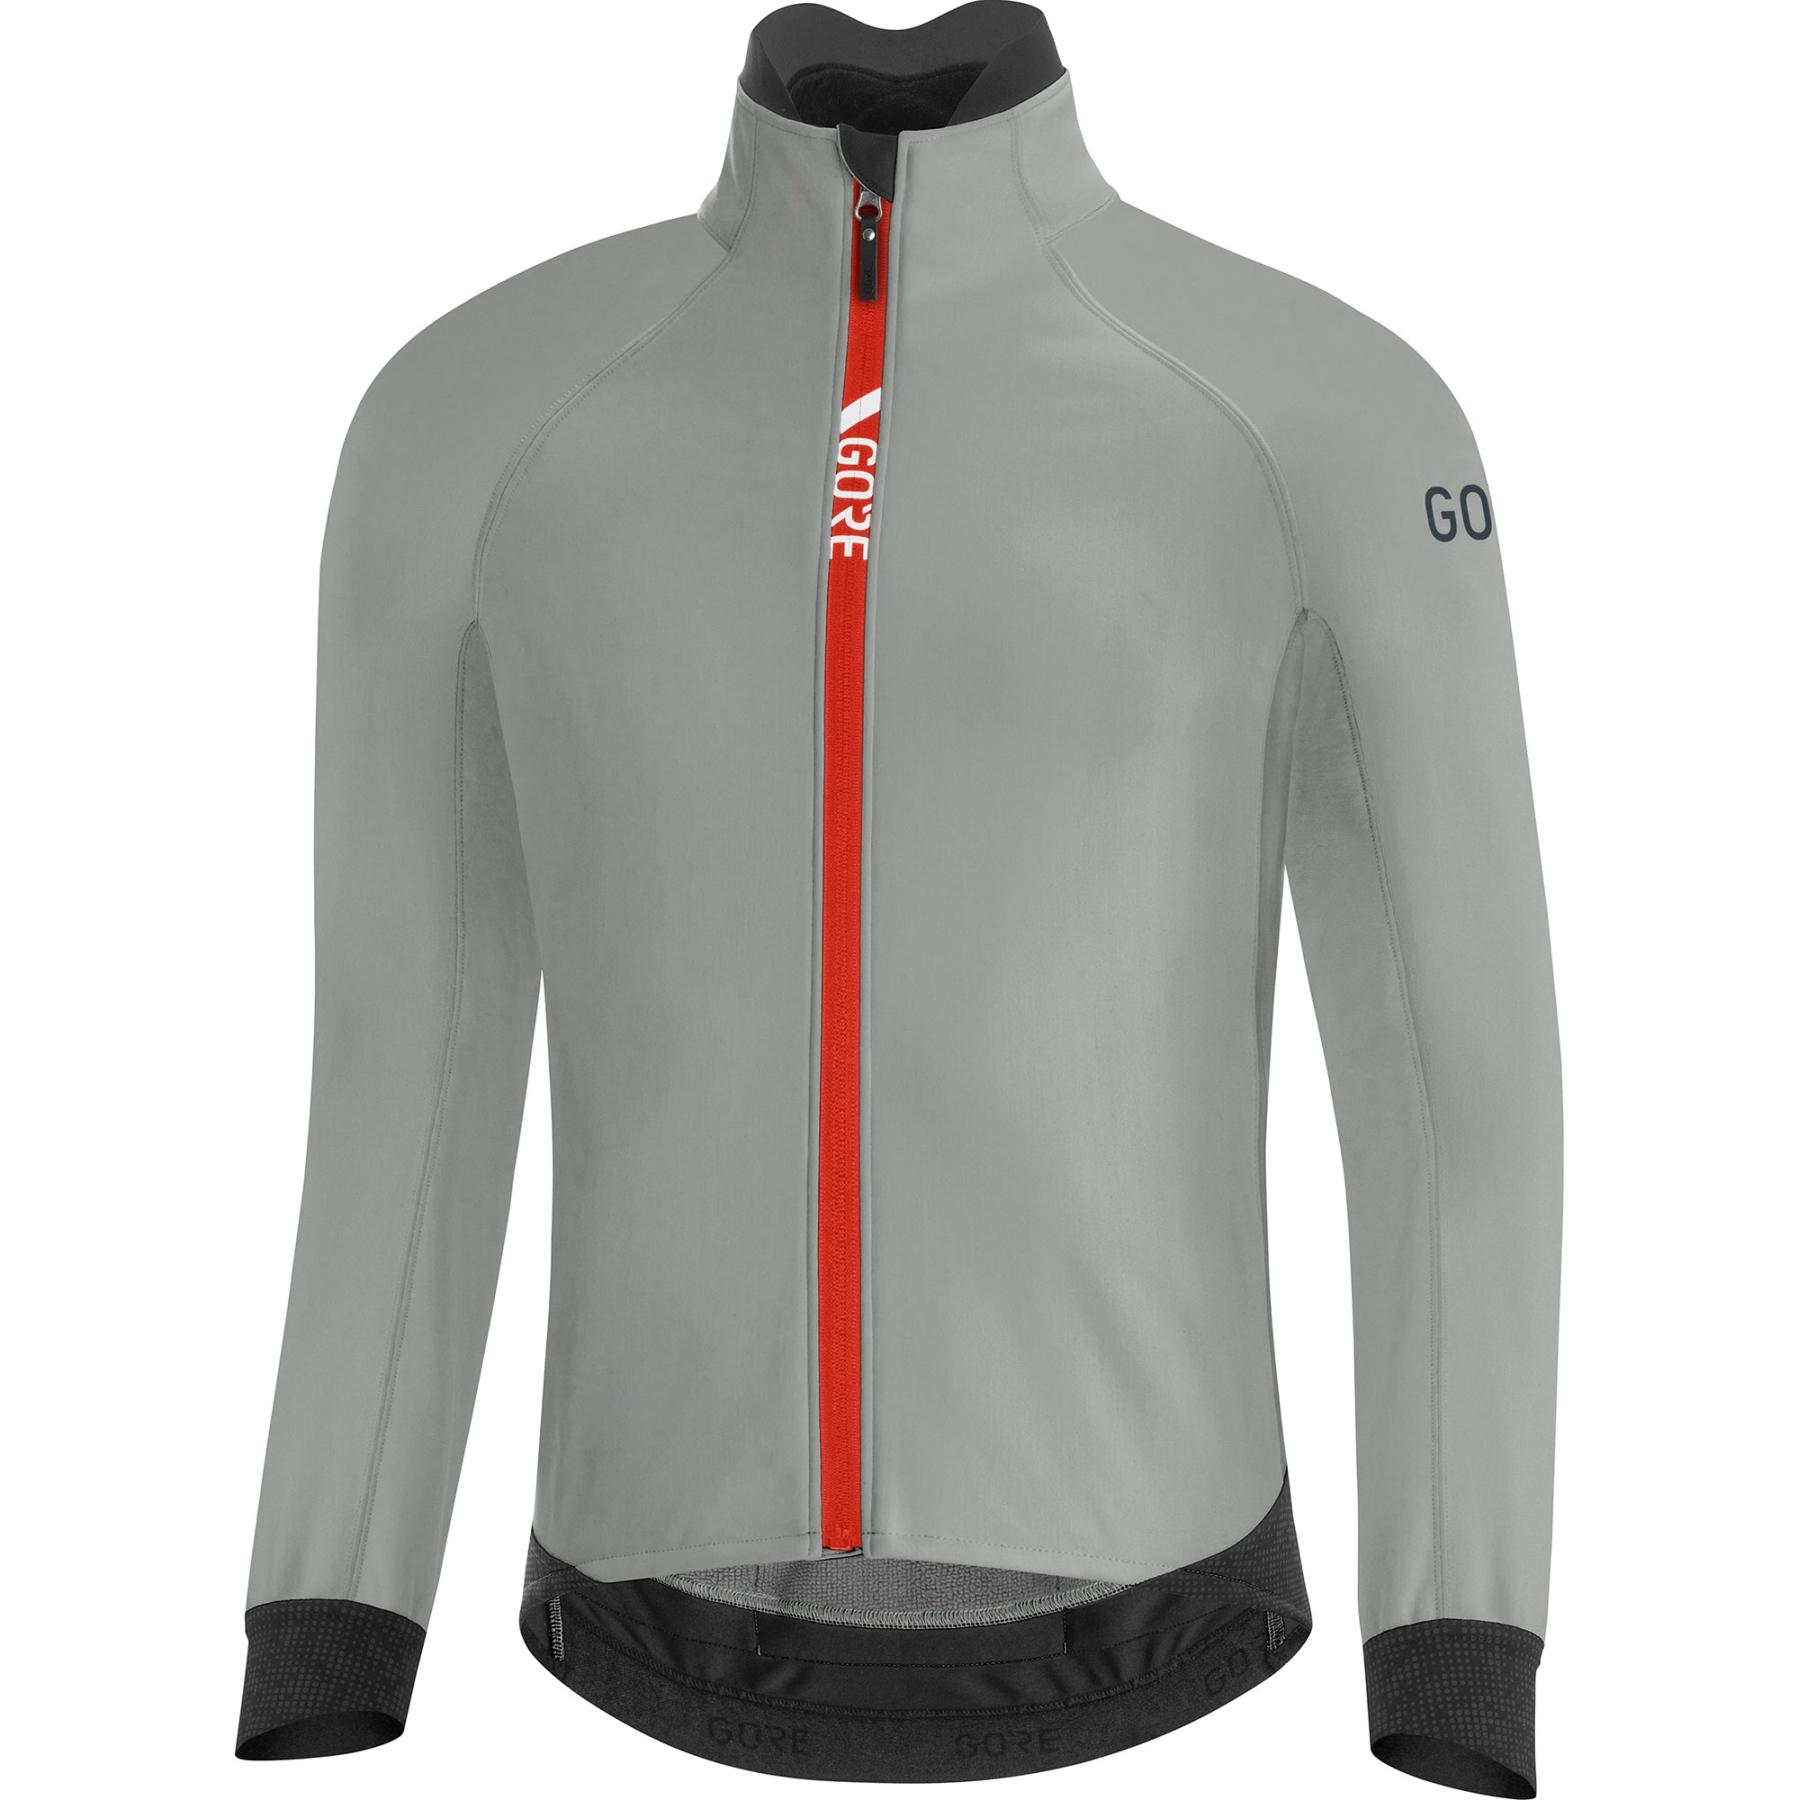 GORE Wear C5 GTX I Thermo Jacke - lab grey BF00